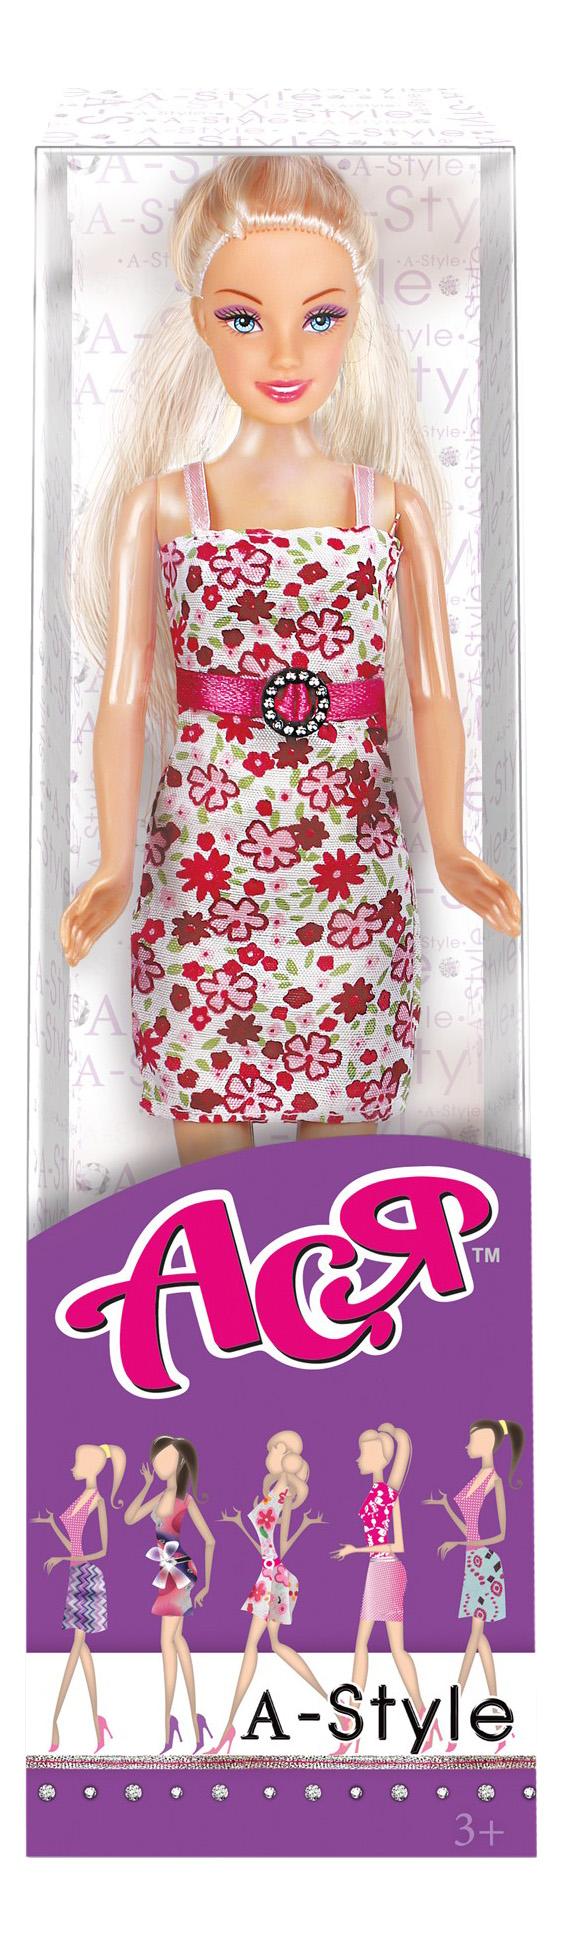 Кукла ToysLab Entertainment Ася блондинка в цветочном платье